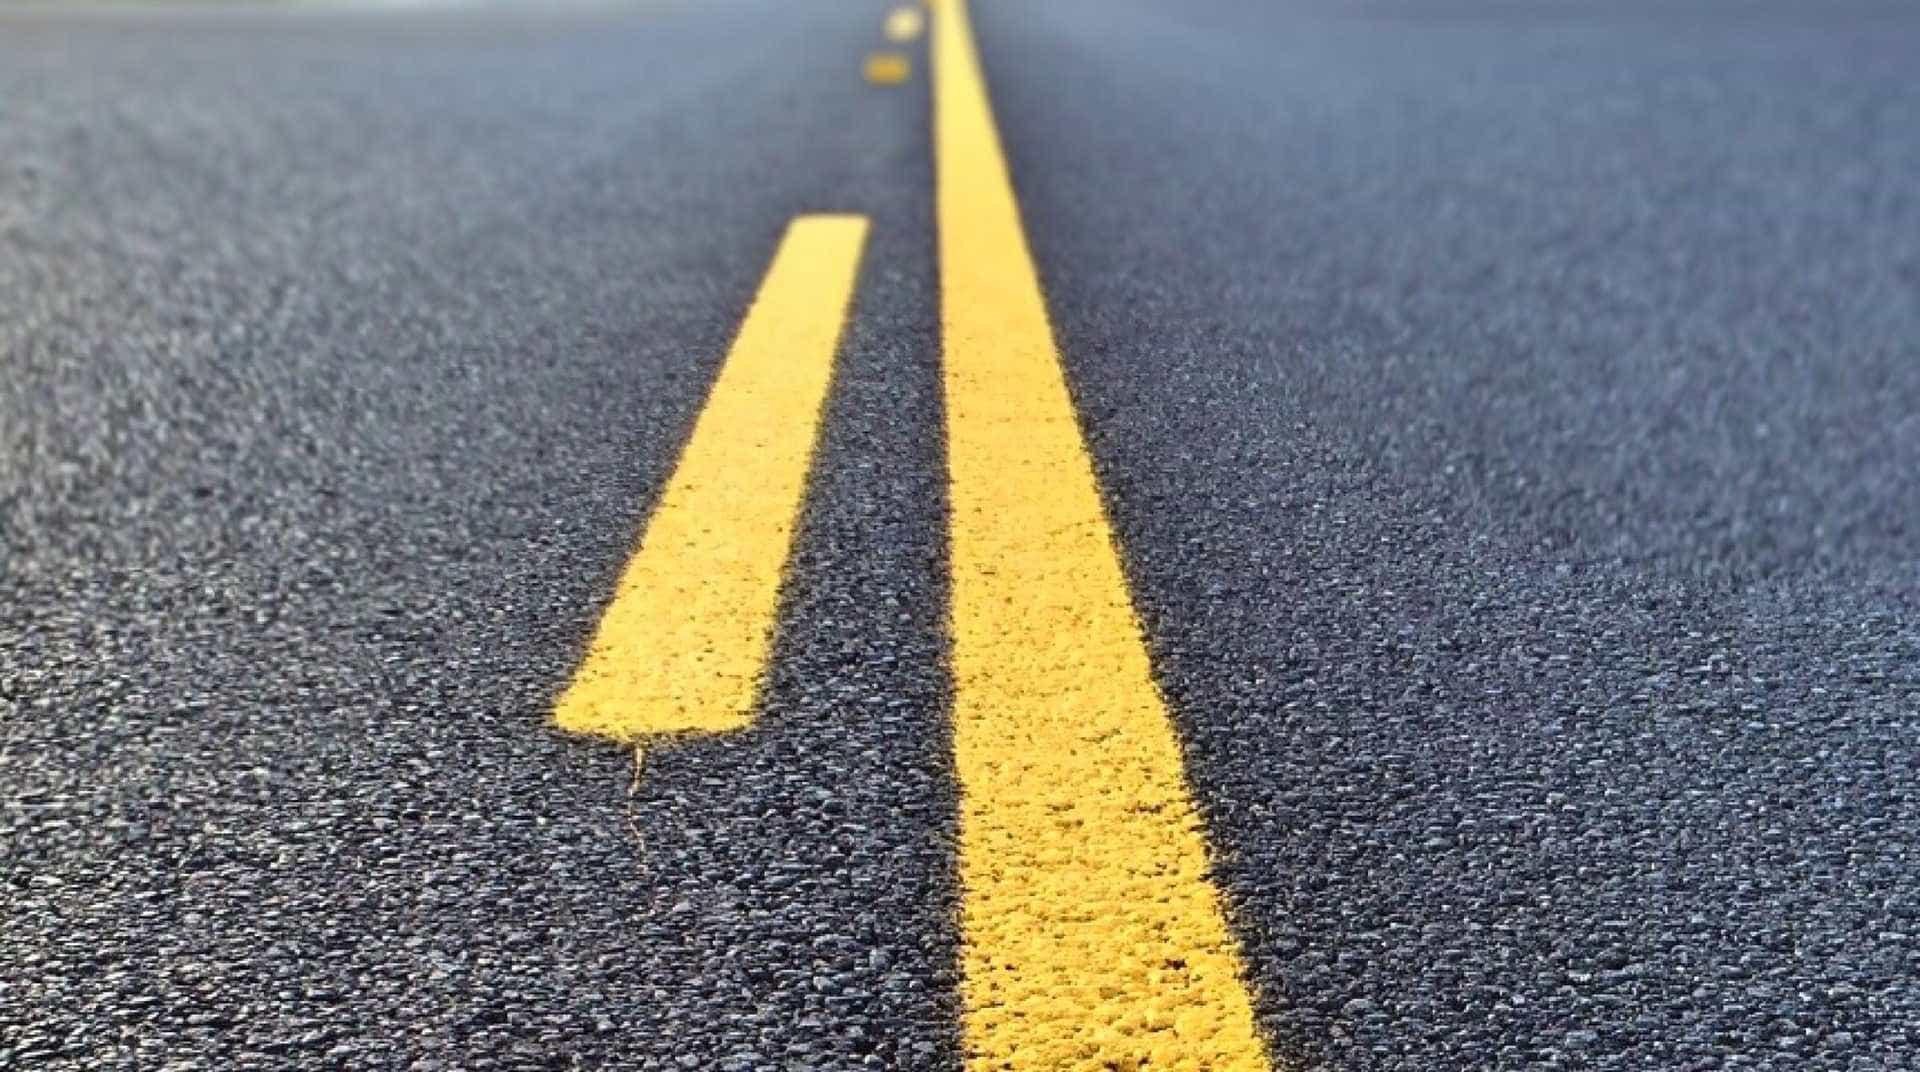 SP anuncia maior concessão de rodovias, com R$ 9 bi de investimentos